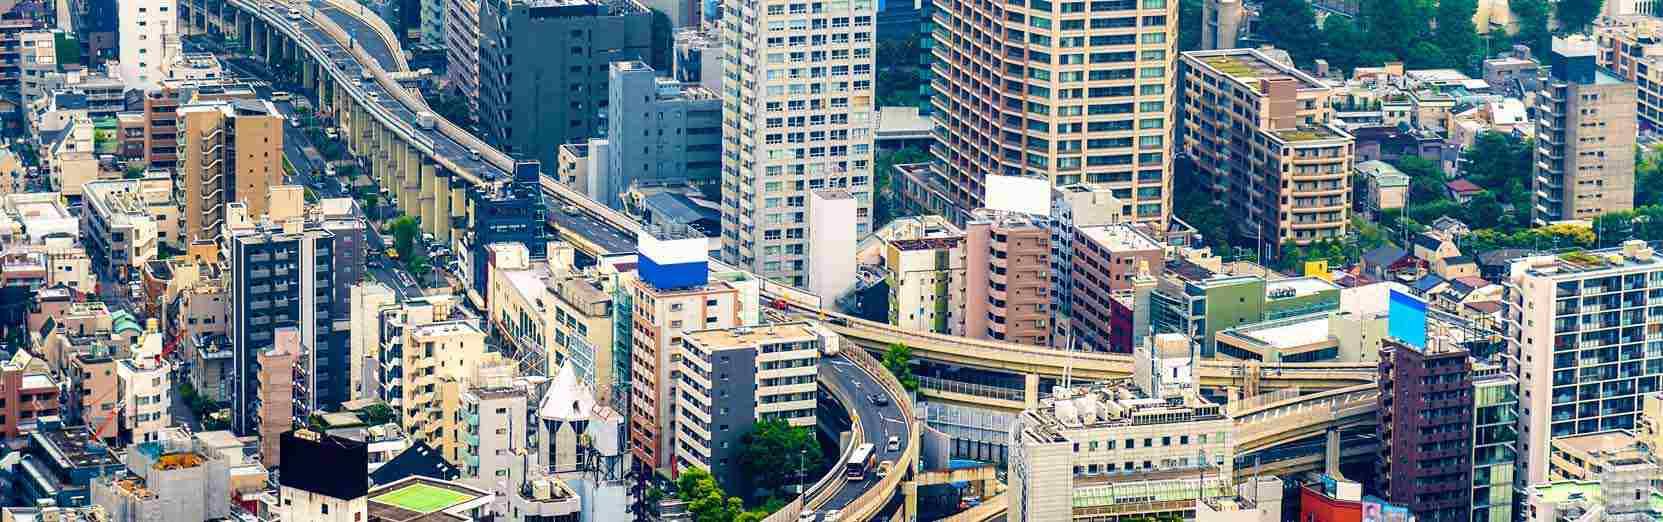 Auto mieten in Japan